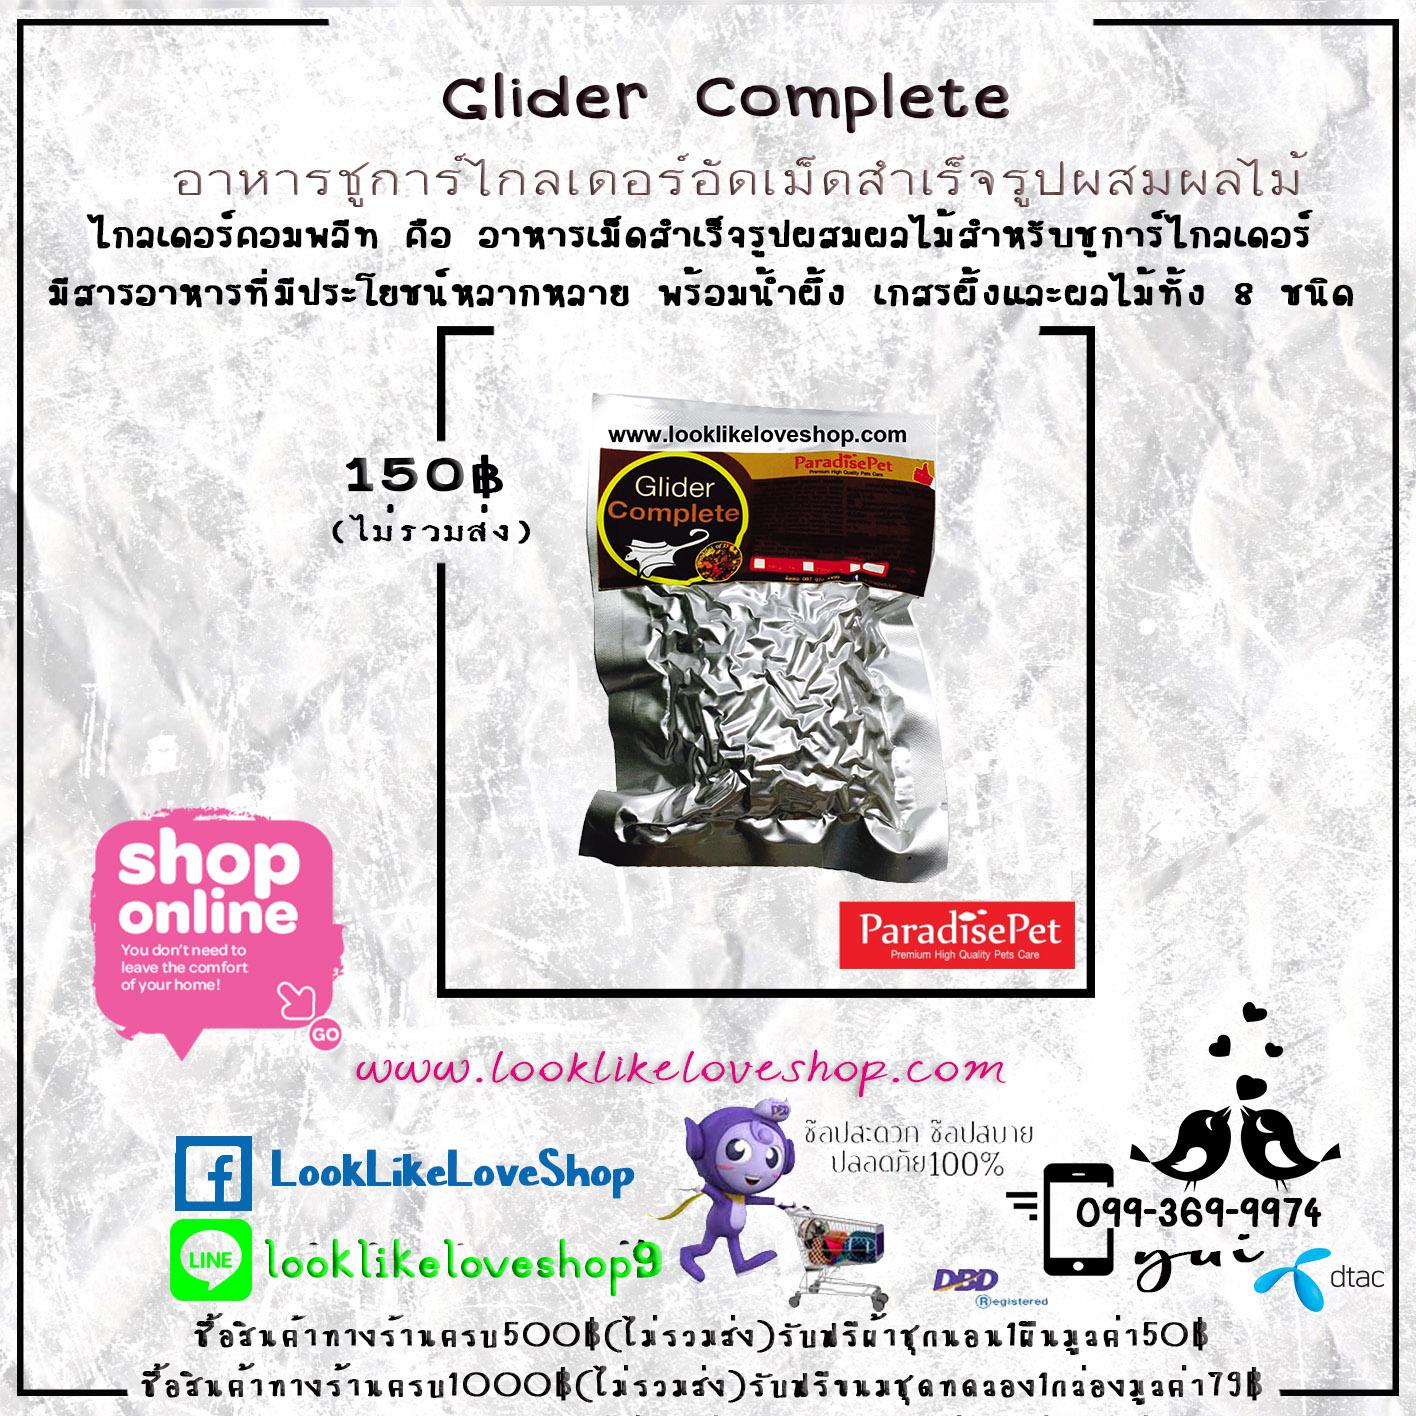 อาหารเม็ดชูการ์เกรดพรีเมียม Glider Complete ParadisePet